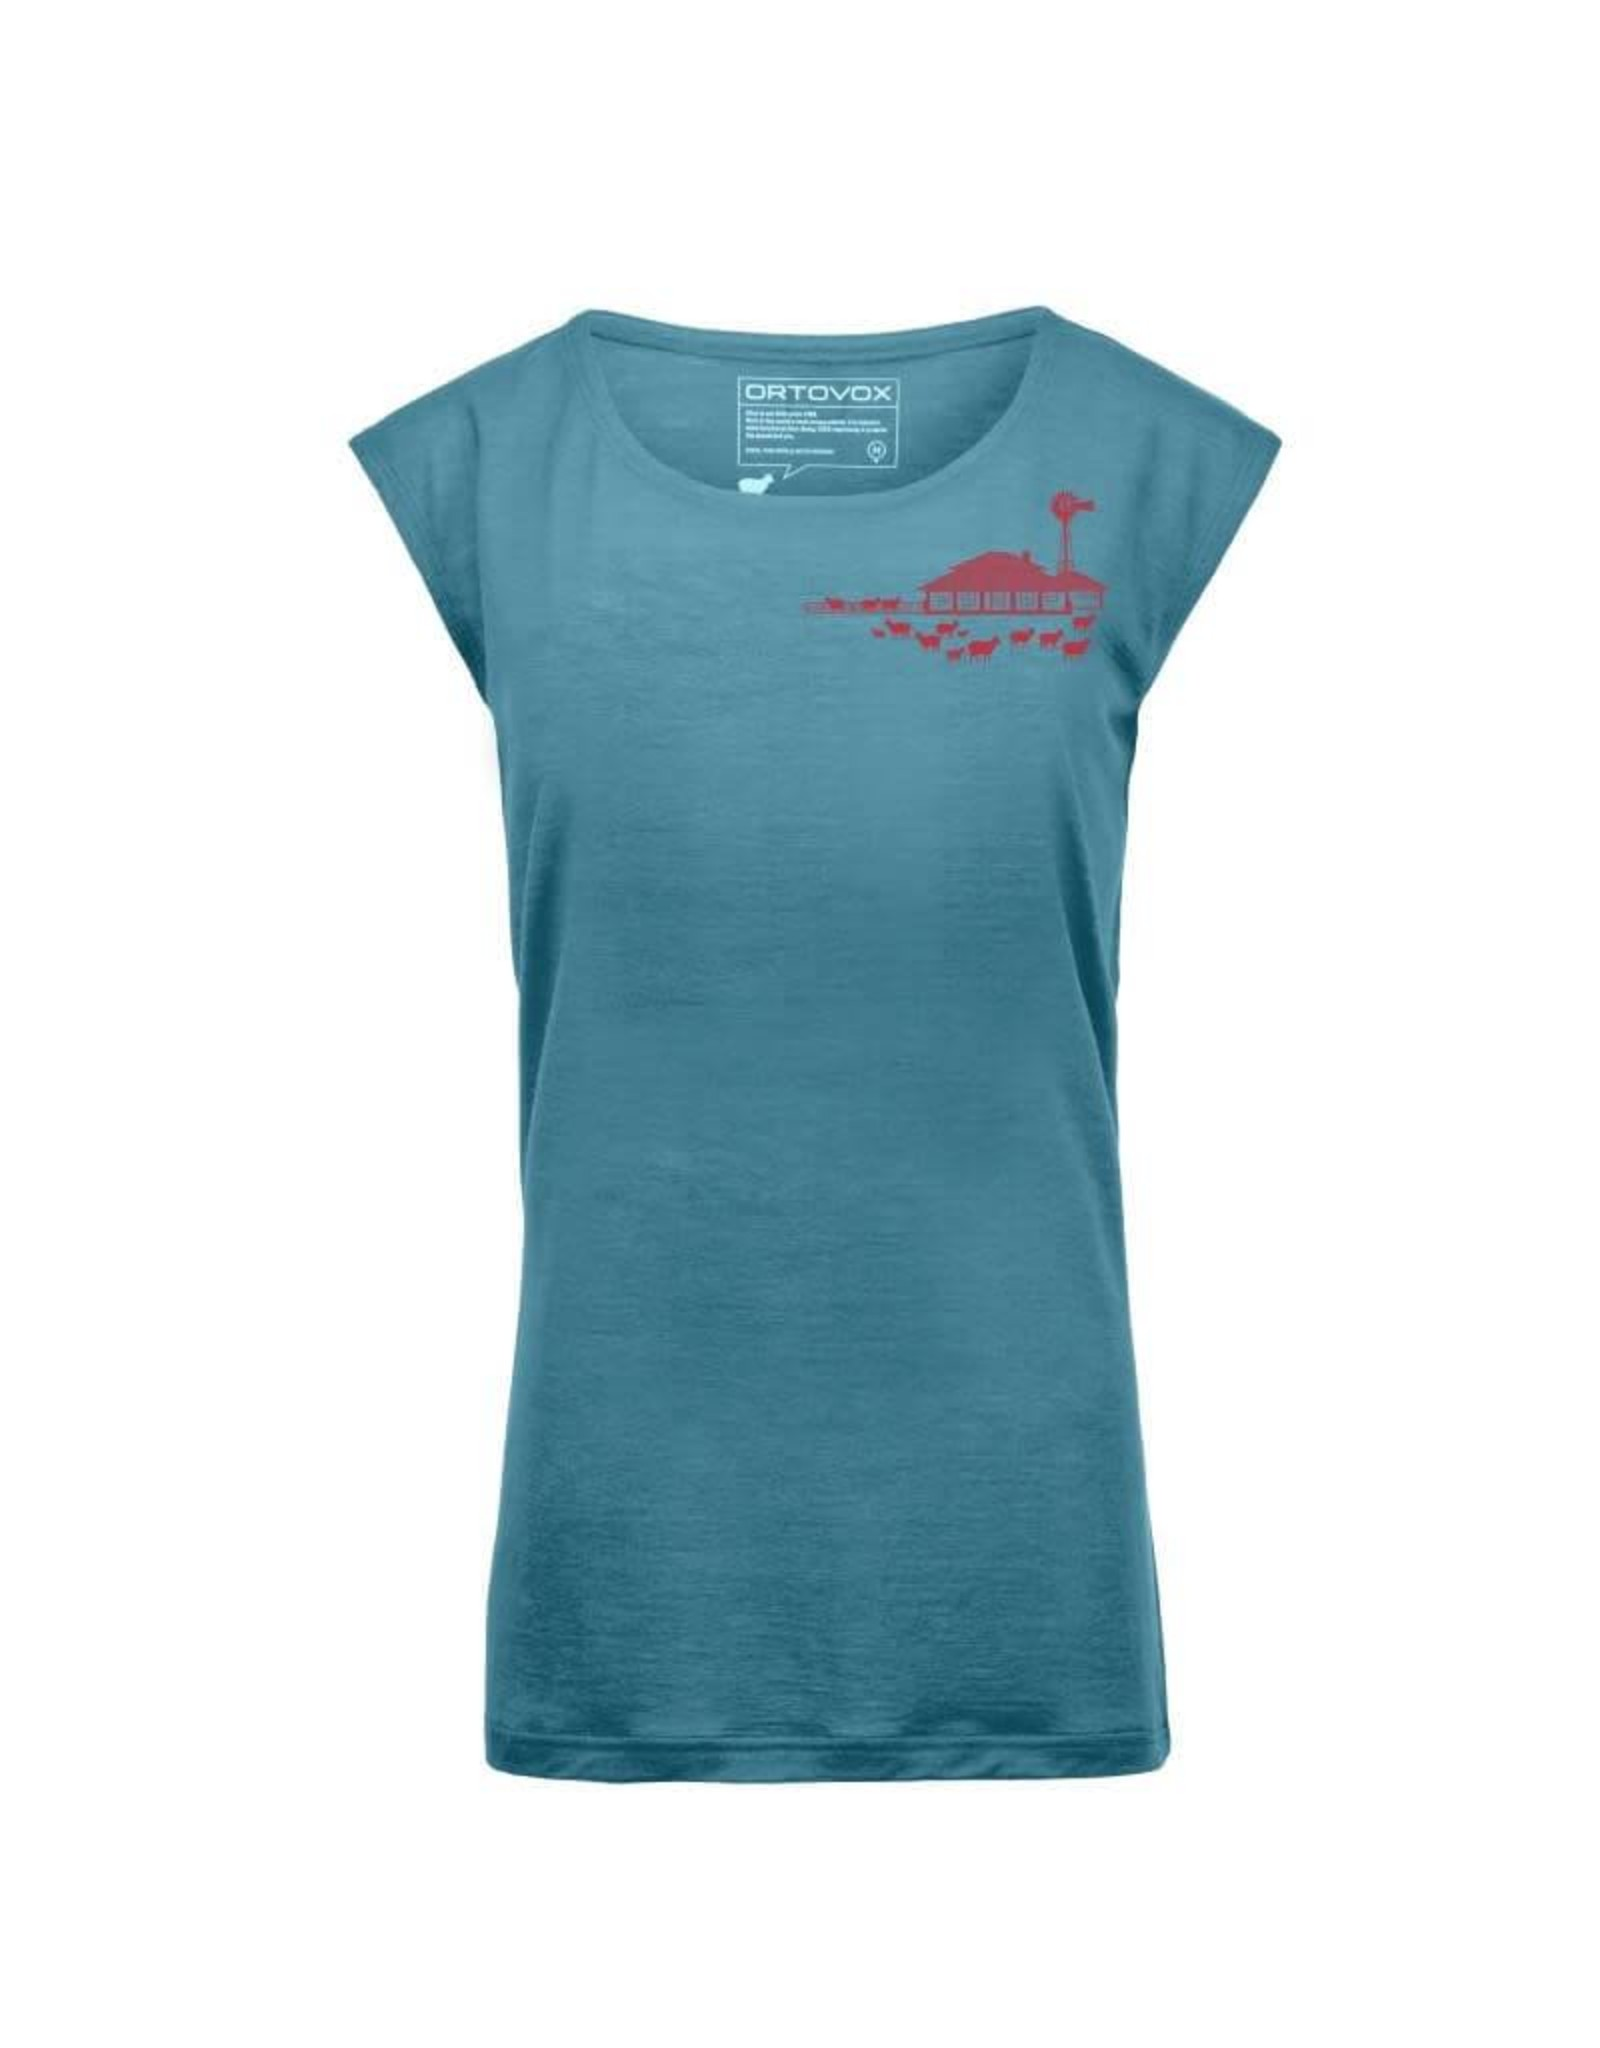 Ortovox Ortovox 150 Cool Farm T-Shirt - Femme